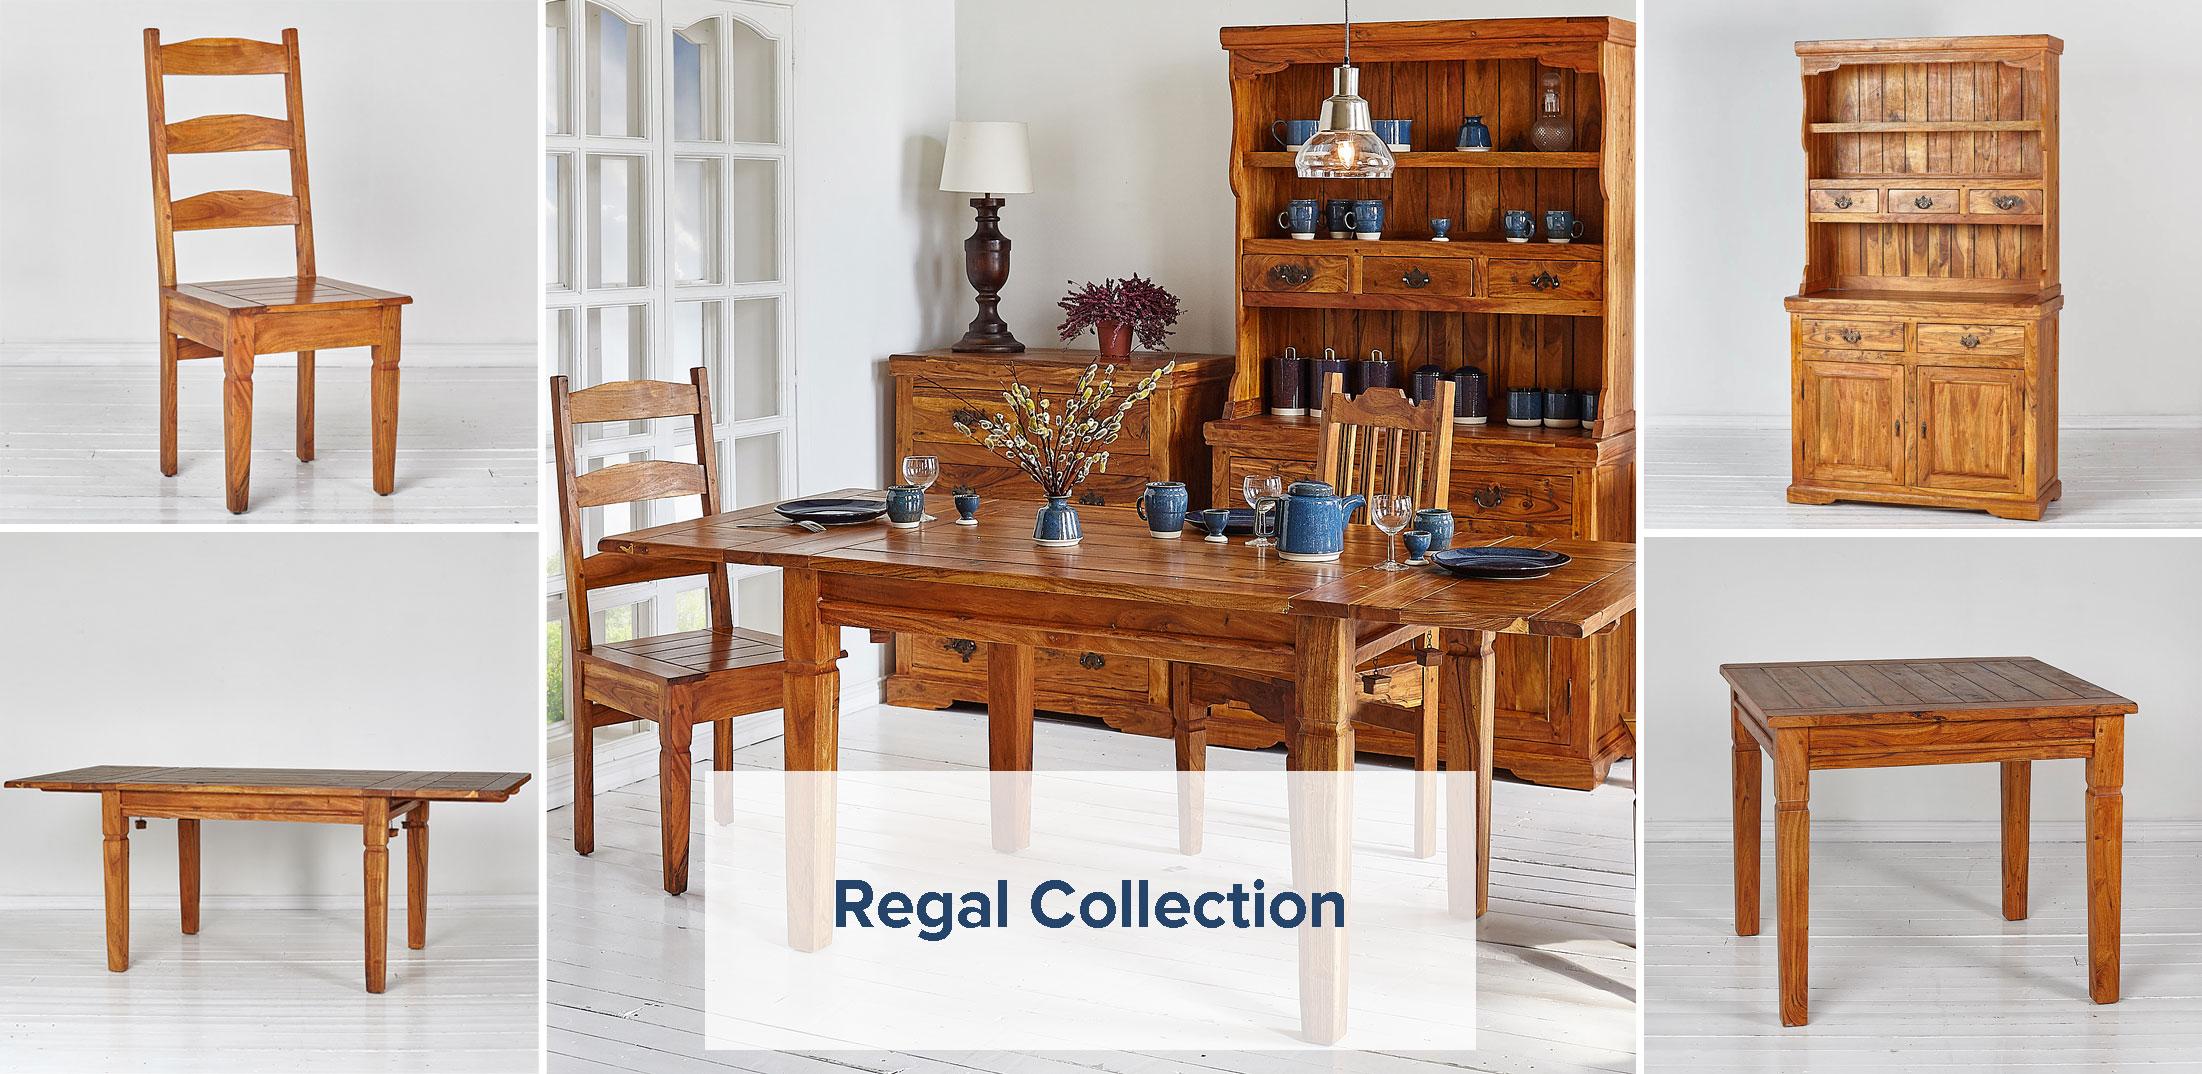 04878aba12f Интернет-магазин дизайнерской мебели из Индии в Москве и Санкт-Петербурге.  Купить недорого мебель из дерева в квартиру и на дачу